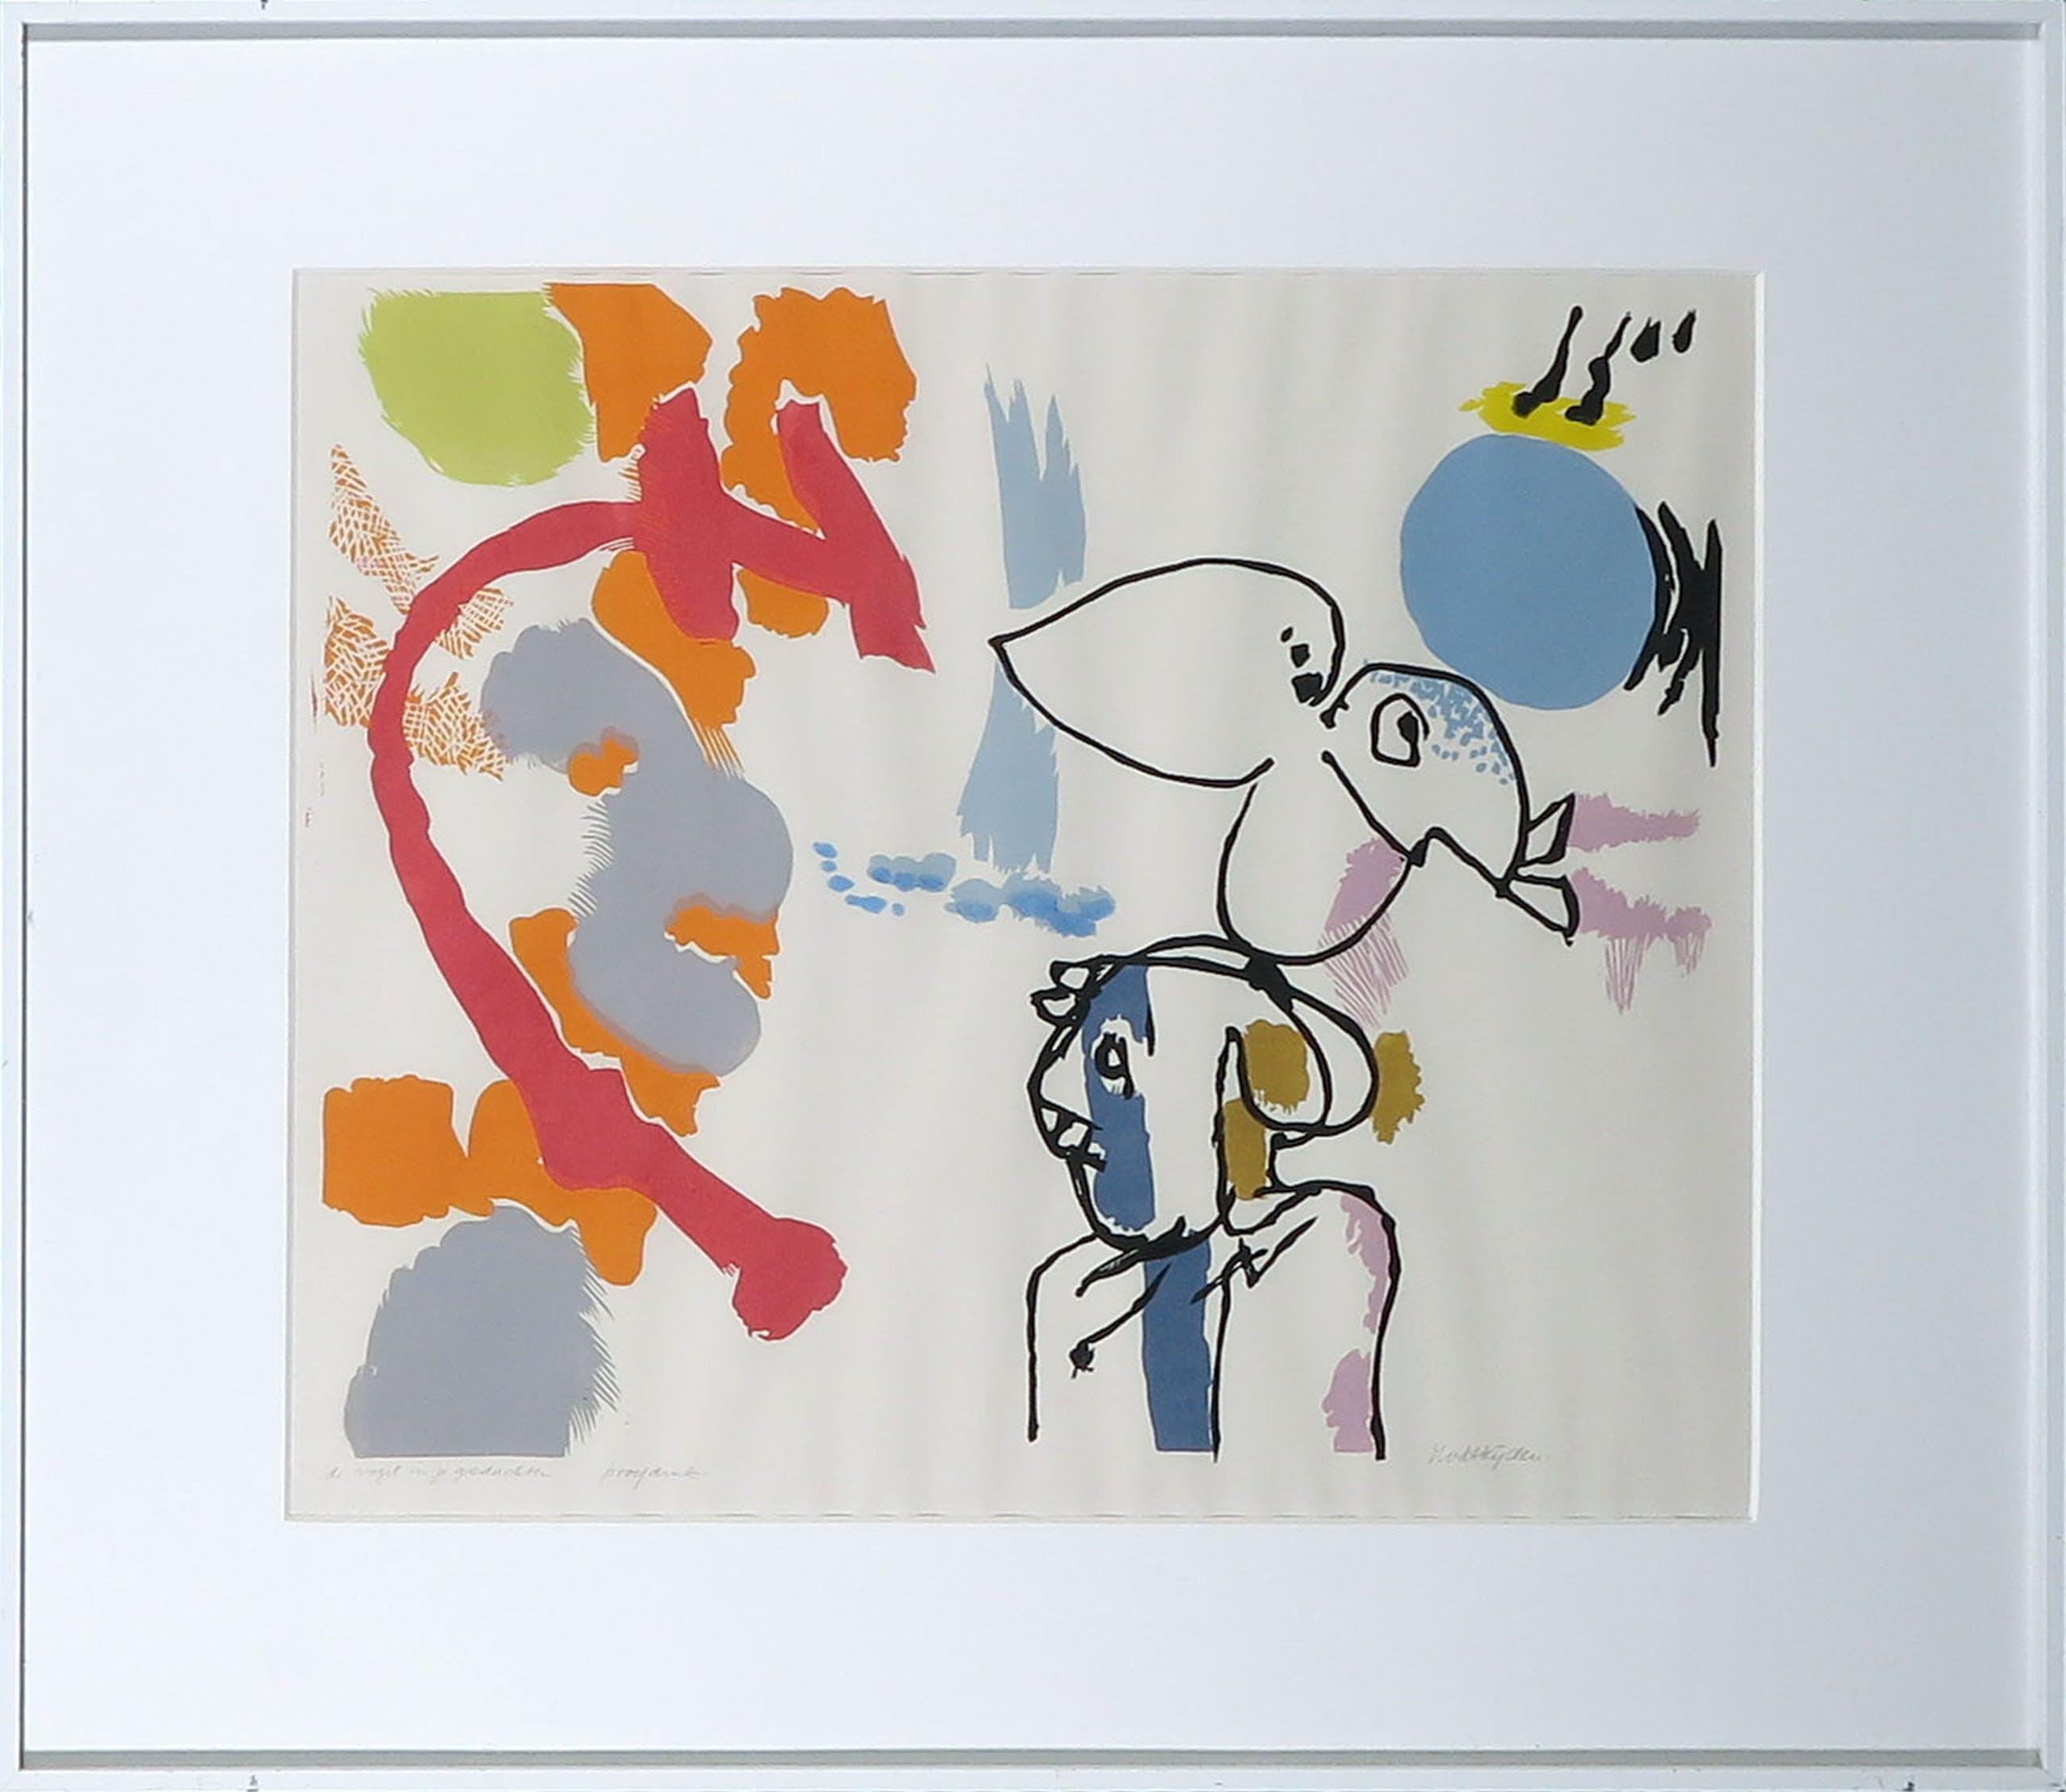 Marianne van der Heijden - Linosnede, De vogel in je gedachten - Ingelijst kopen? Bied vanaf 20!